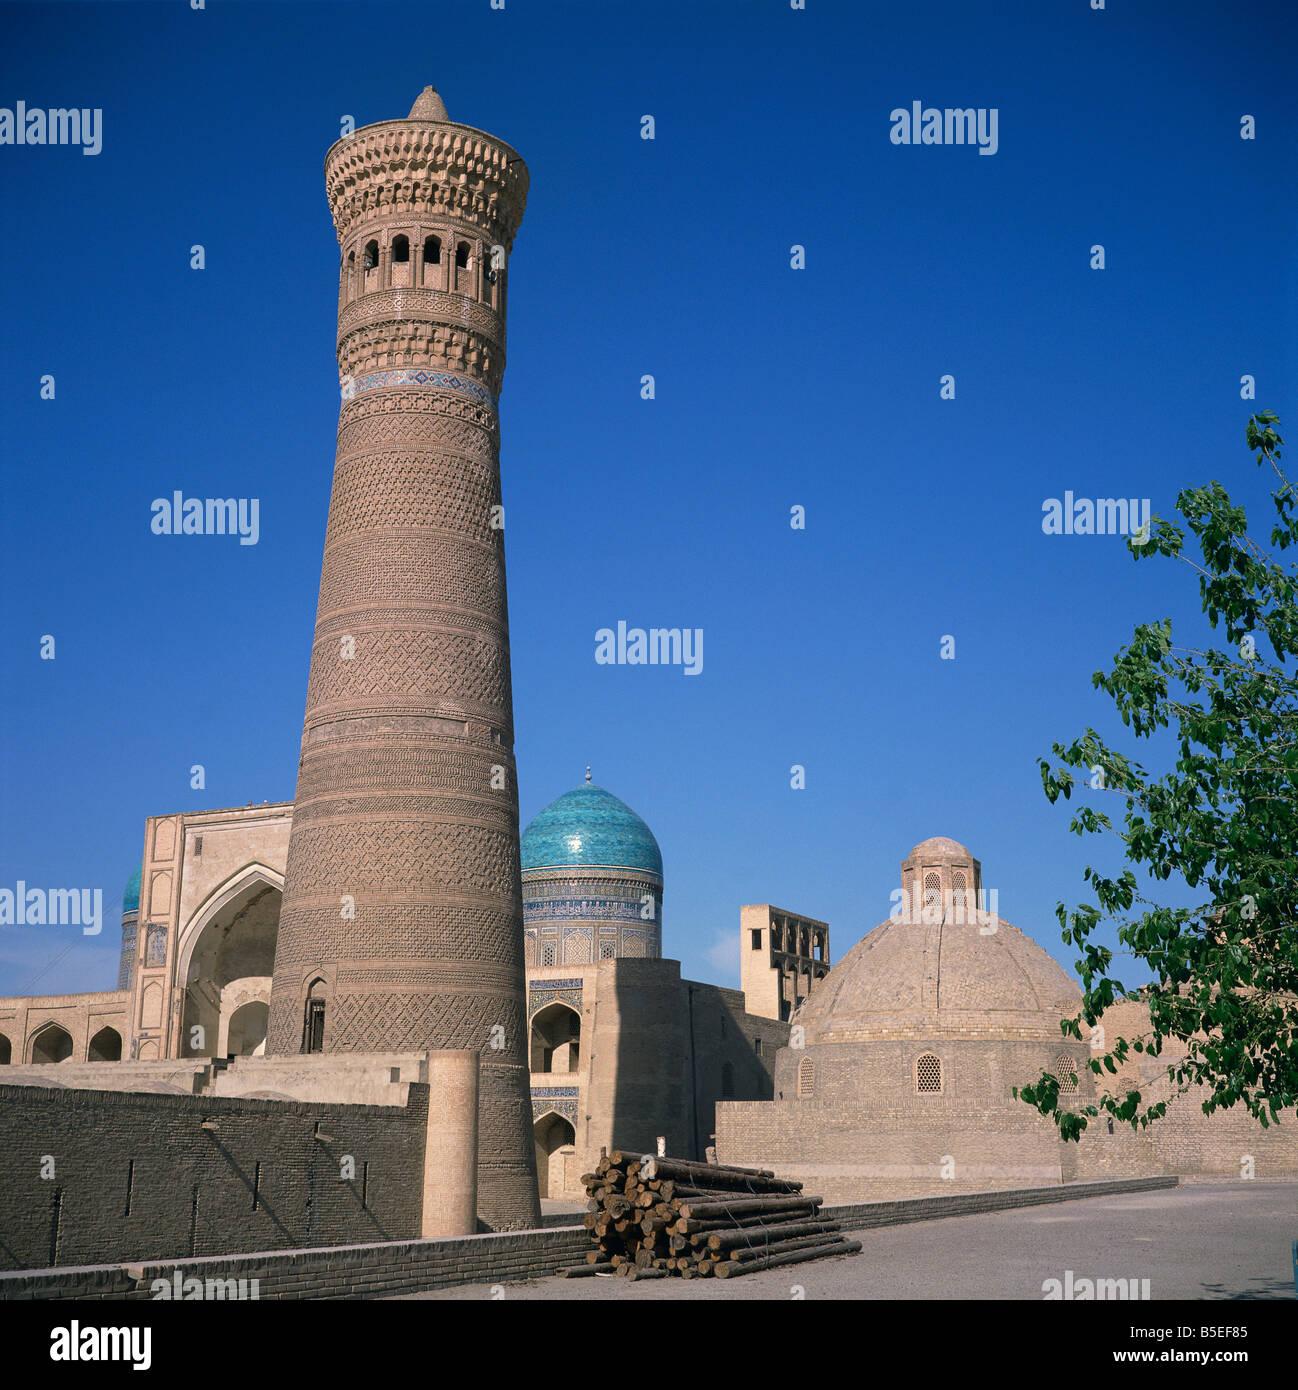 La torre di morte o Minareto Kalyan risalente al 1127 e poi Kalyan Madrasah12th C A C xix secolo nella città Immagini Stock